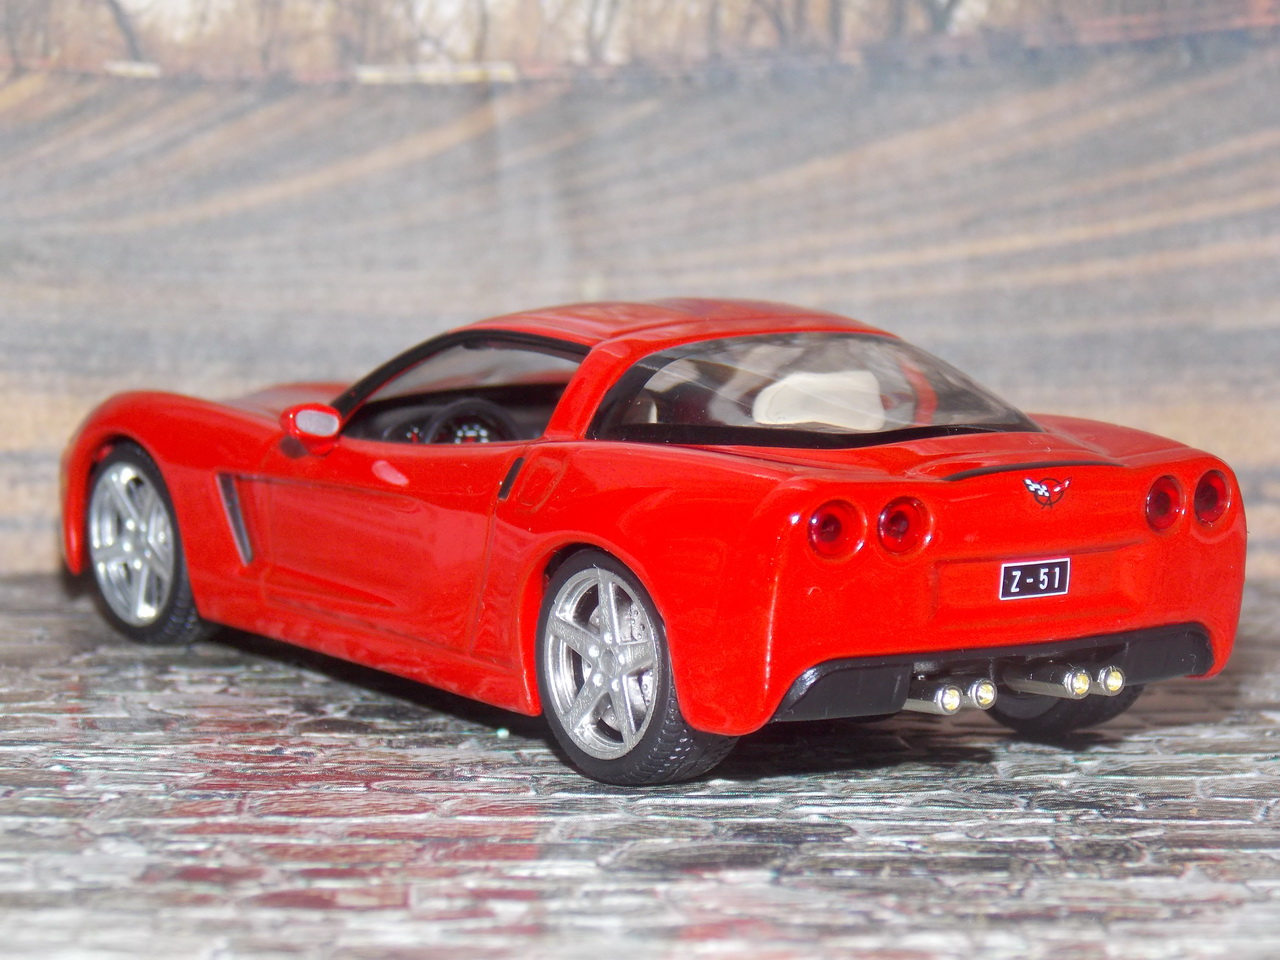 Chevrolet Corvette C6 Z51 - 2005